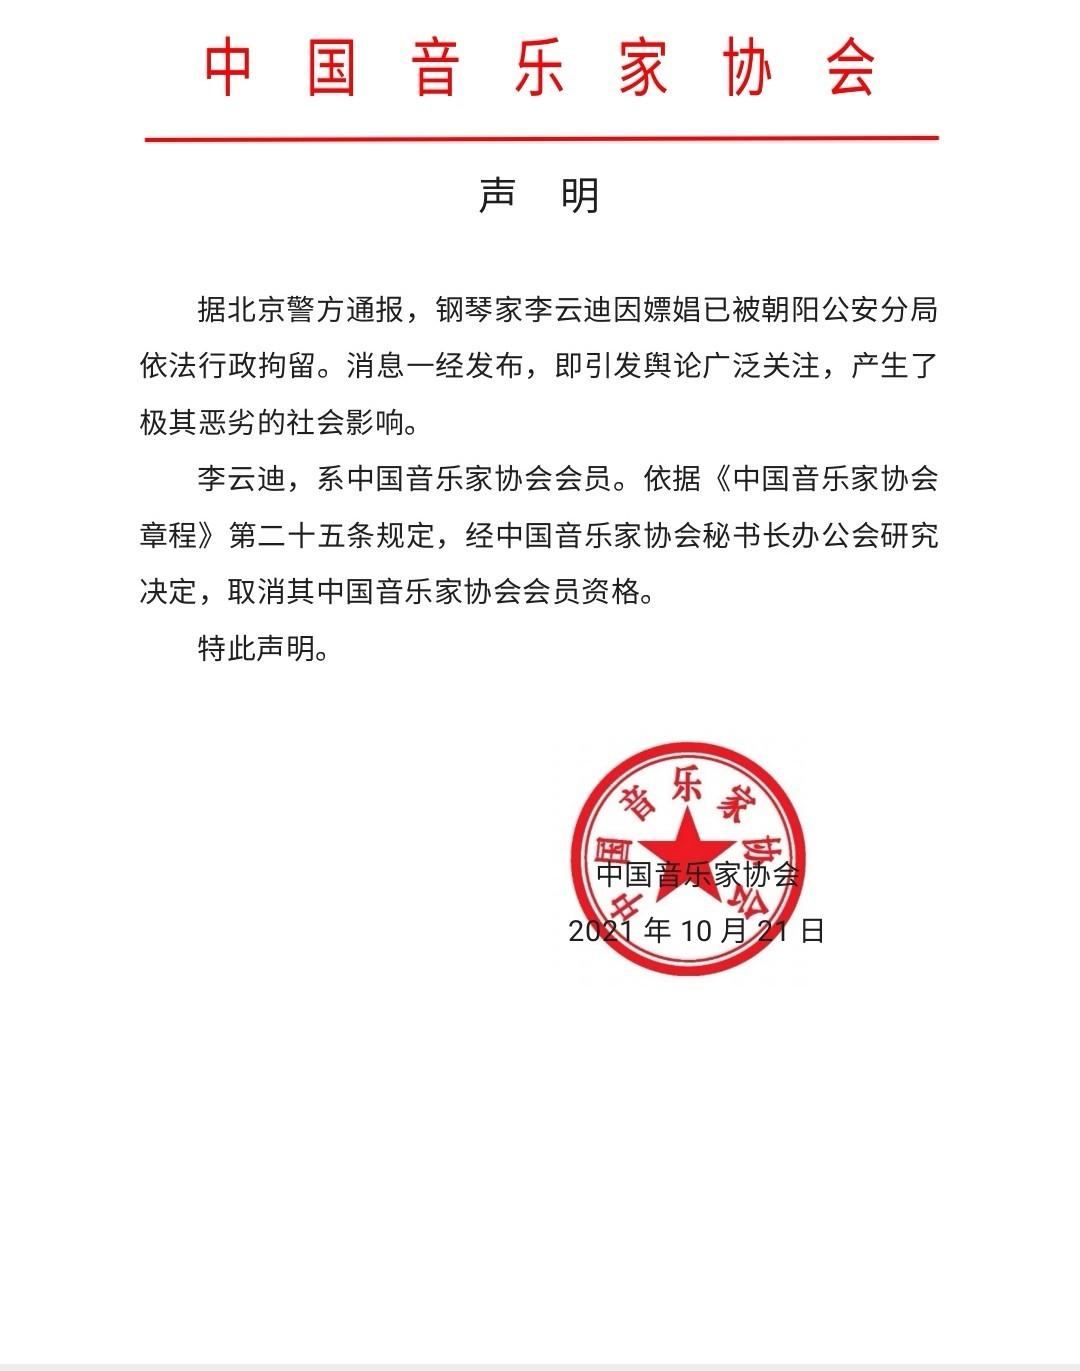 中国音乐家协会发布声明:取消李云迪会员资格